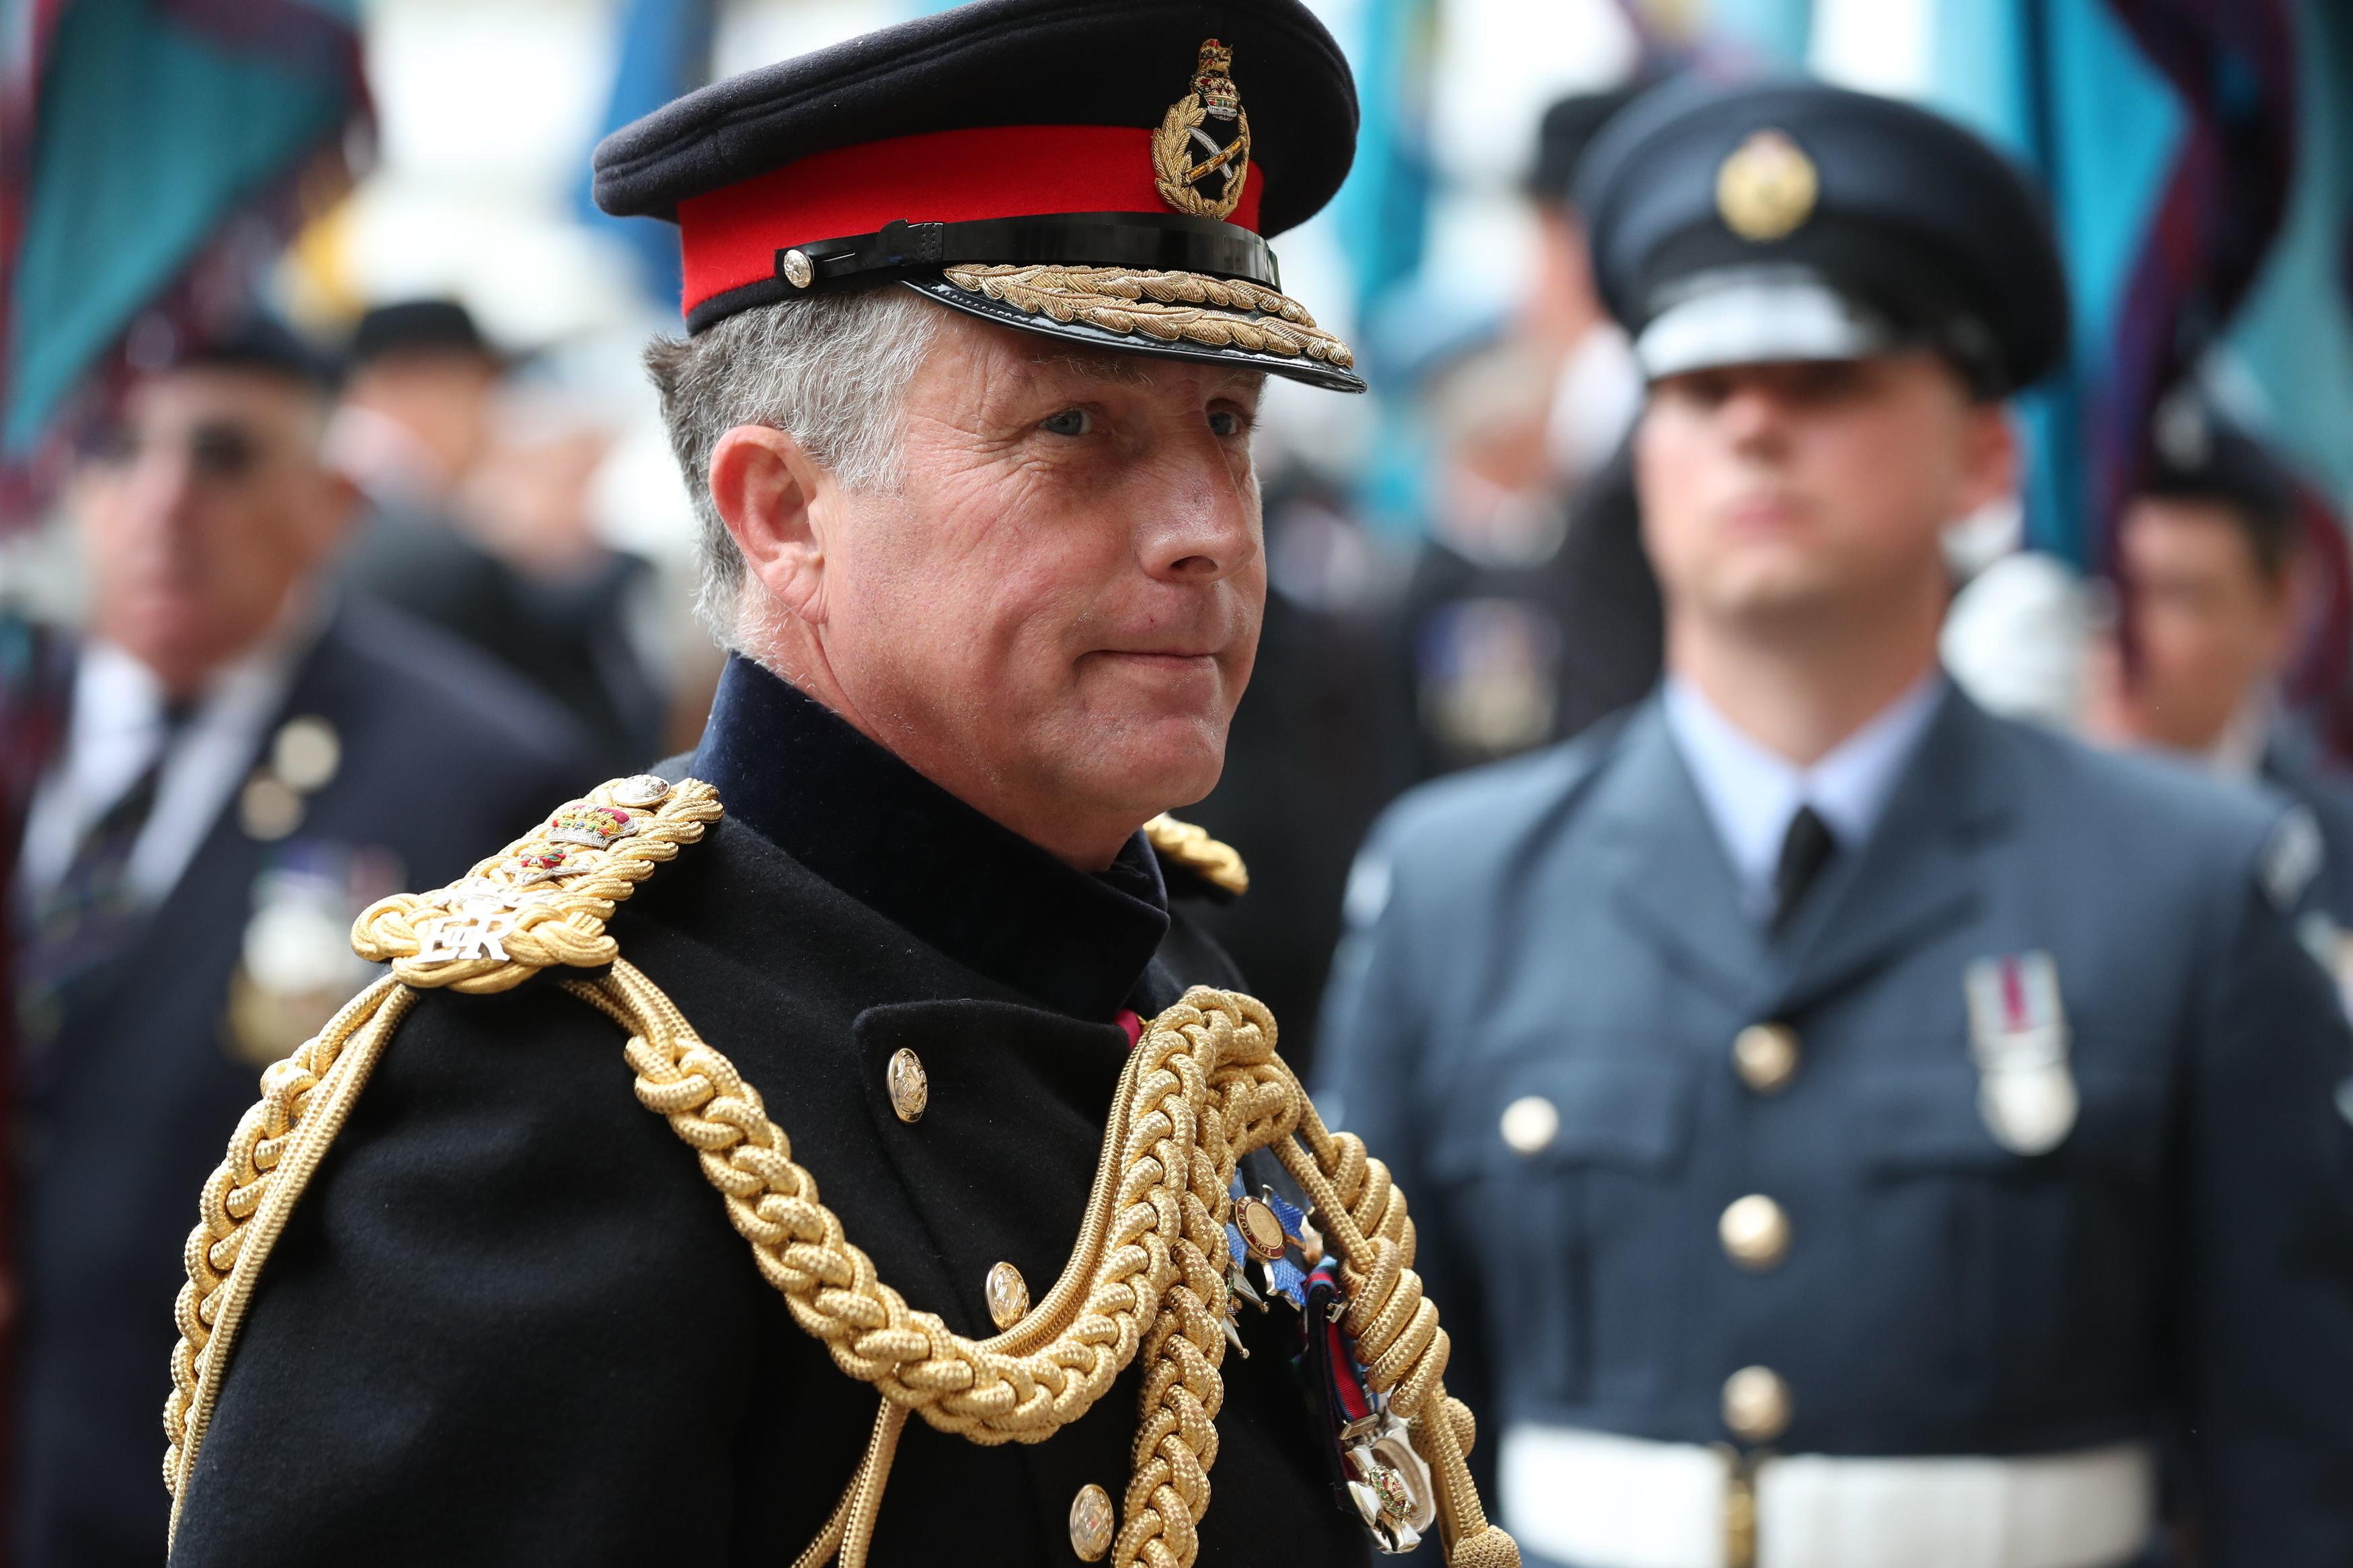 Αρχιστράτηγος του βρετανικού στρατού προειδοποιεί: Ζούμε μια περίοδο ανάλογη με αυτή πριν τον Α′ Παγκόσμιο